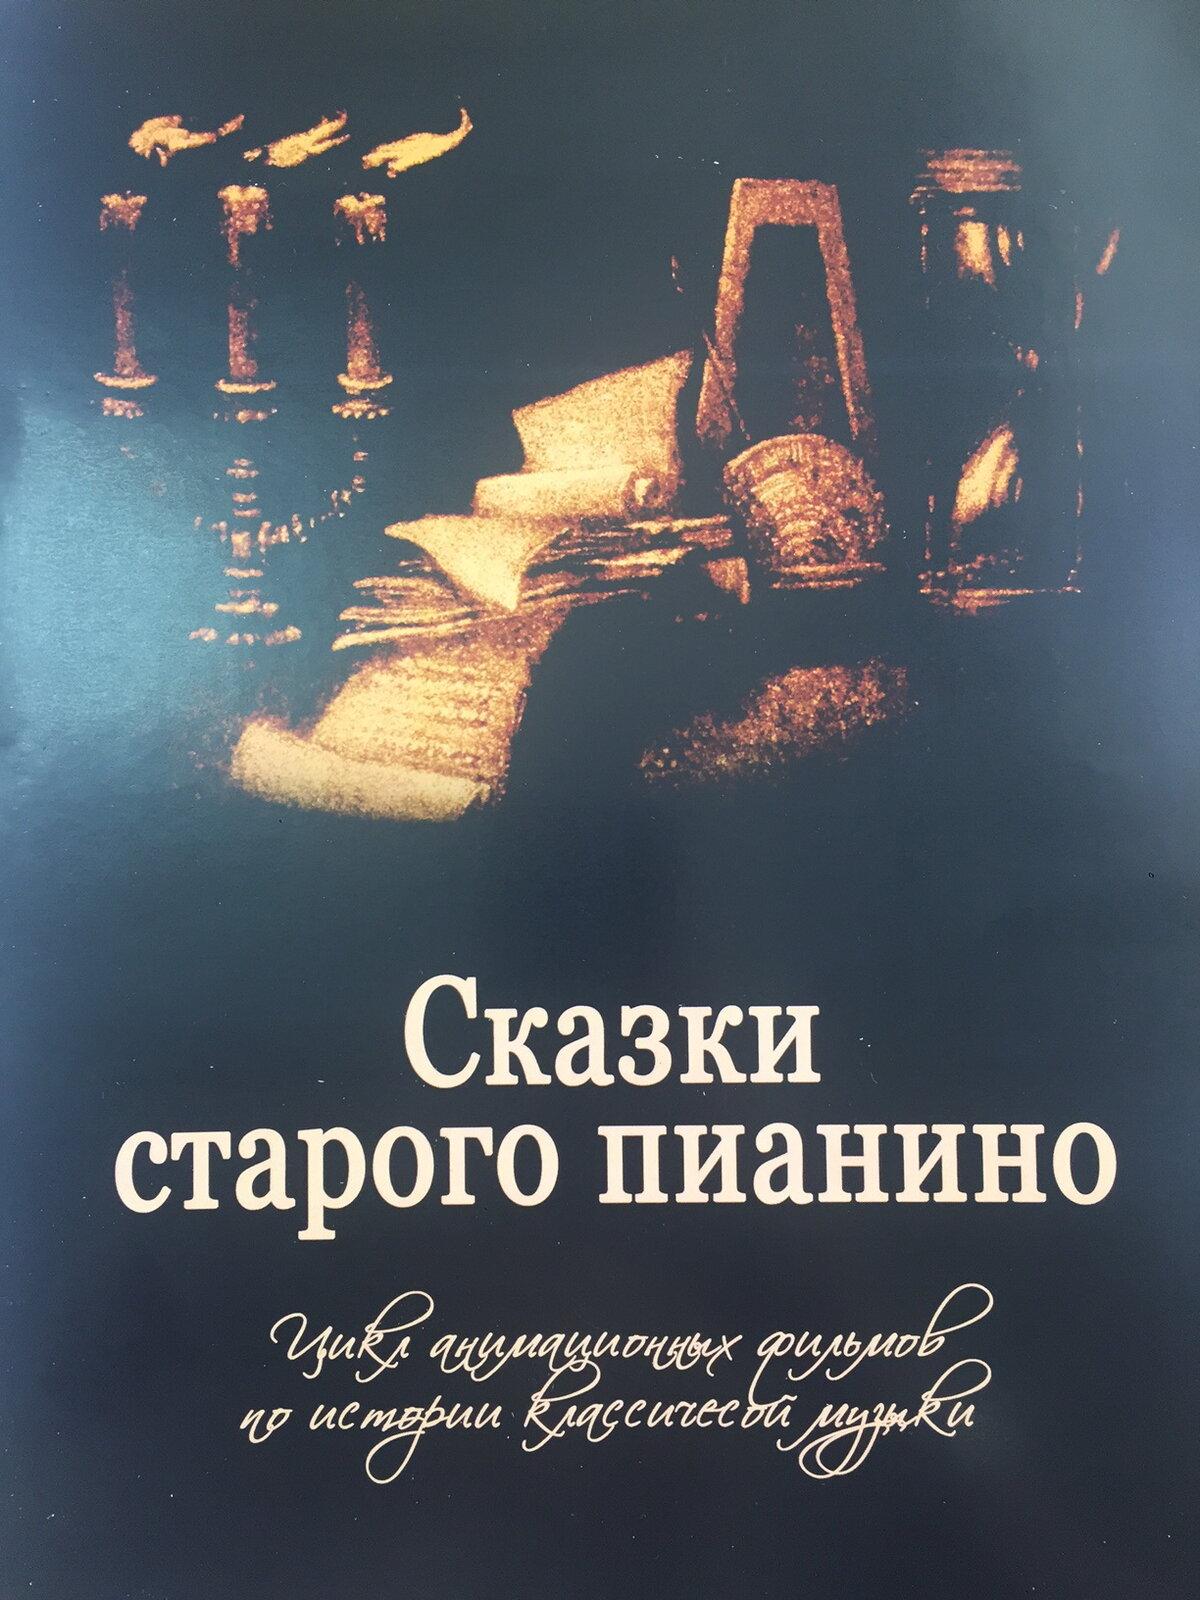 Сказки старого пианино (мультфильм, Россия, 2007 год) смотреть онлайн